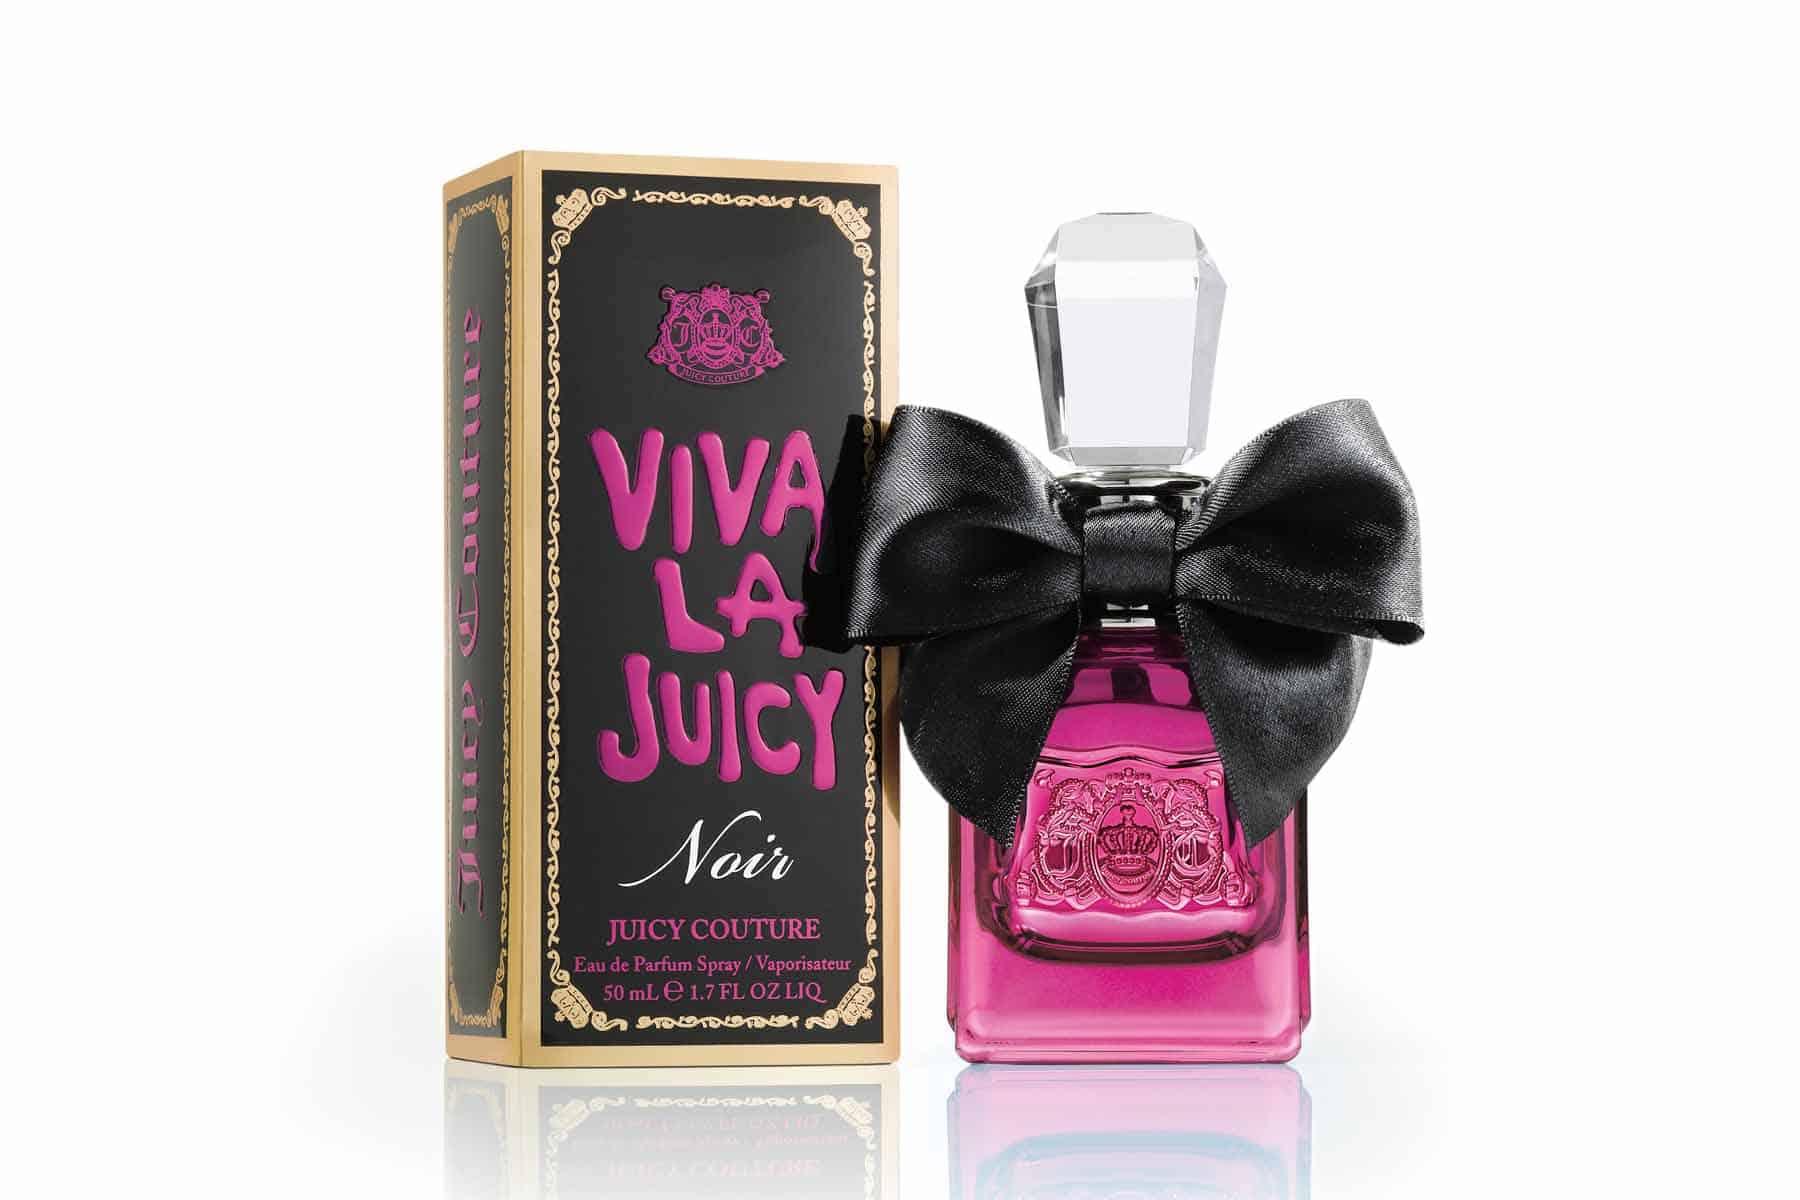 Viva La Juicy Noir: la fragranza sensuale perfetta per le notti più audaci!